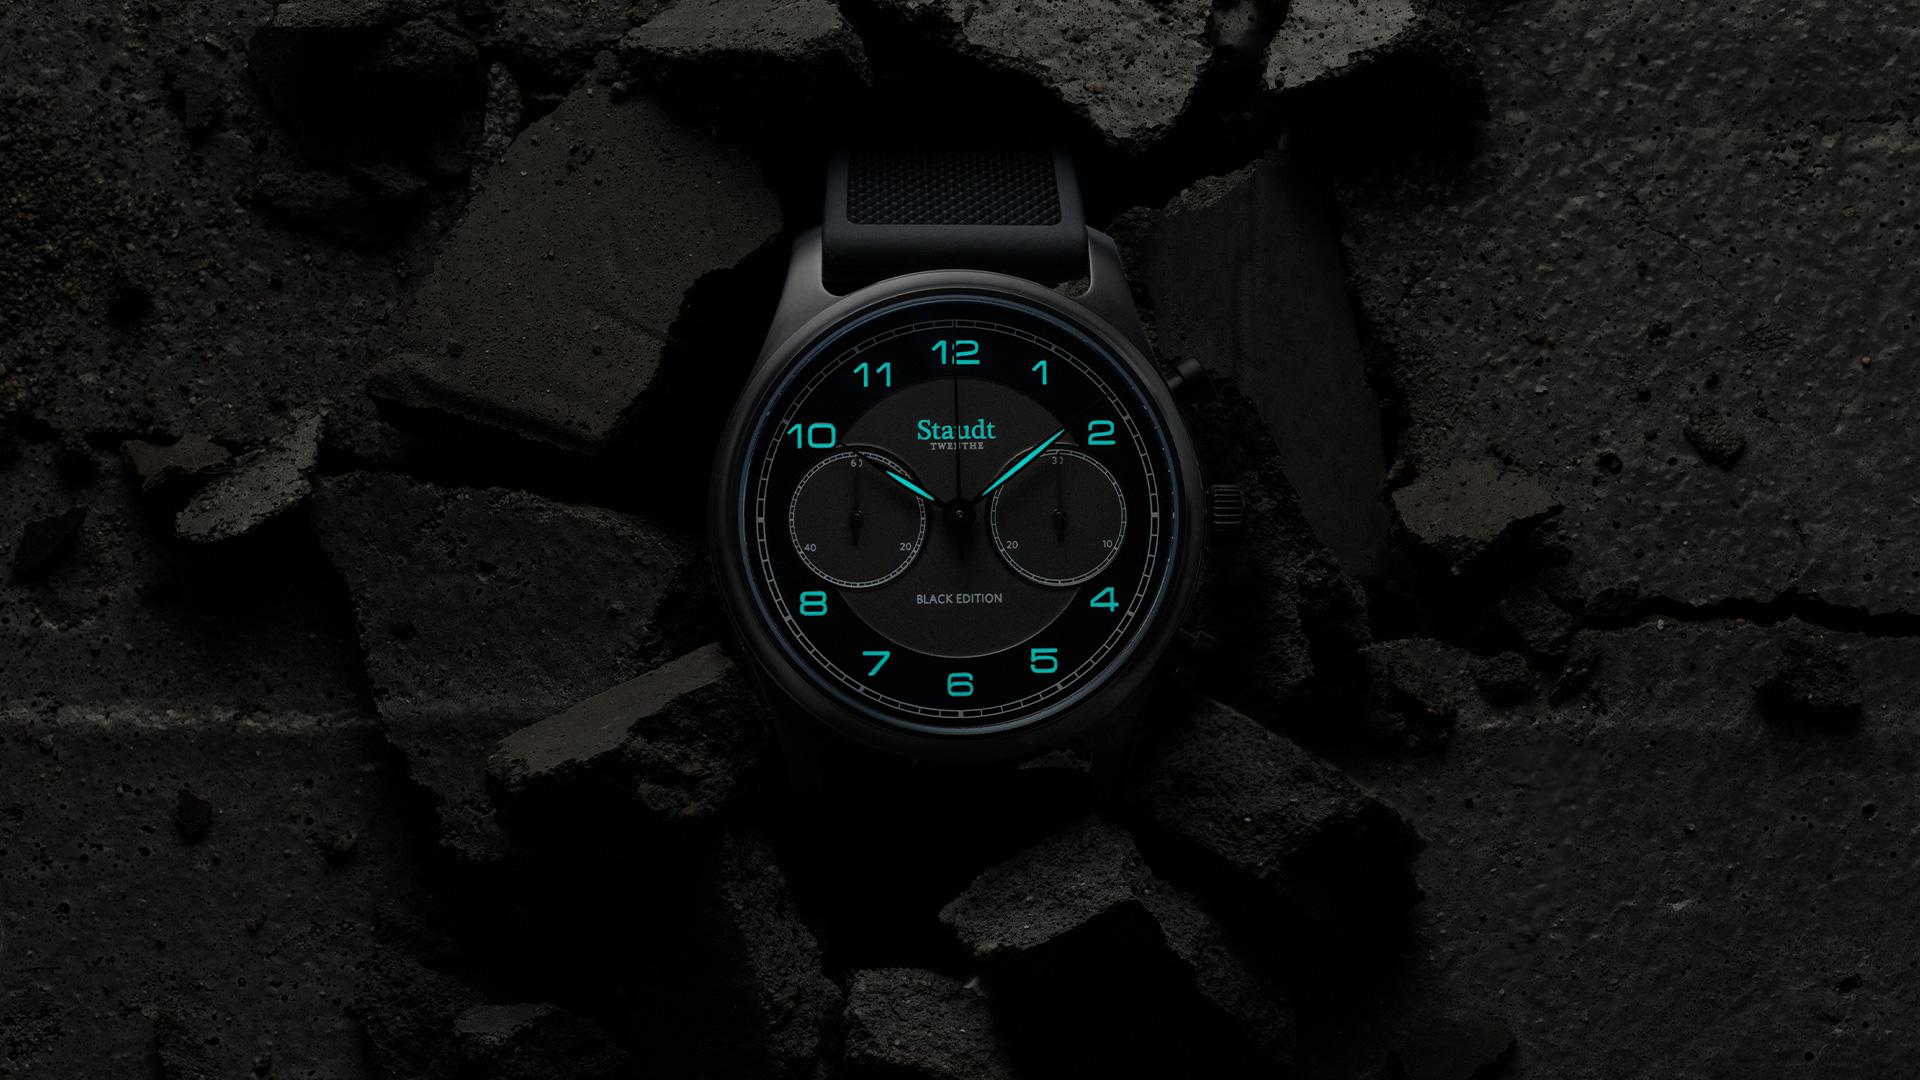 Staudt Praeludium Chronograph Black Edition4